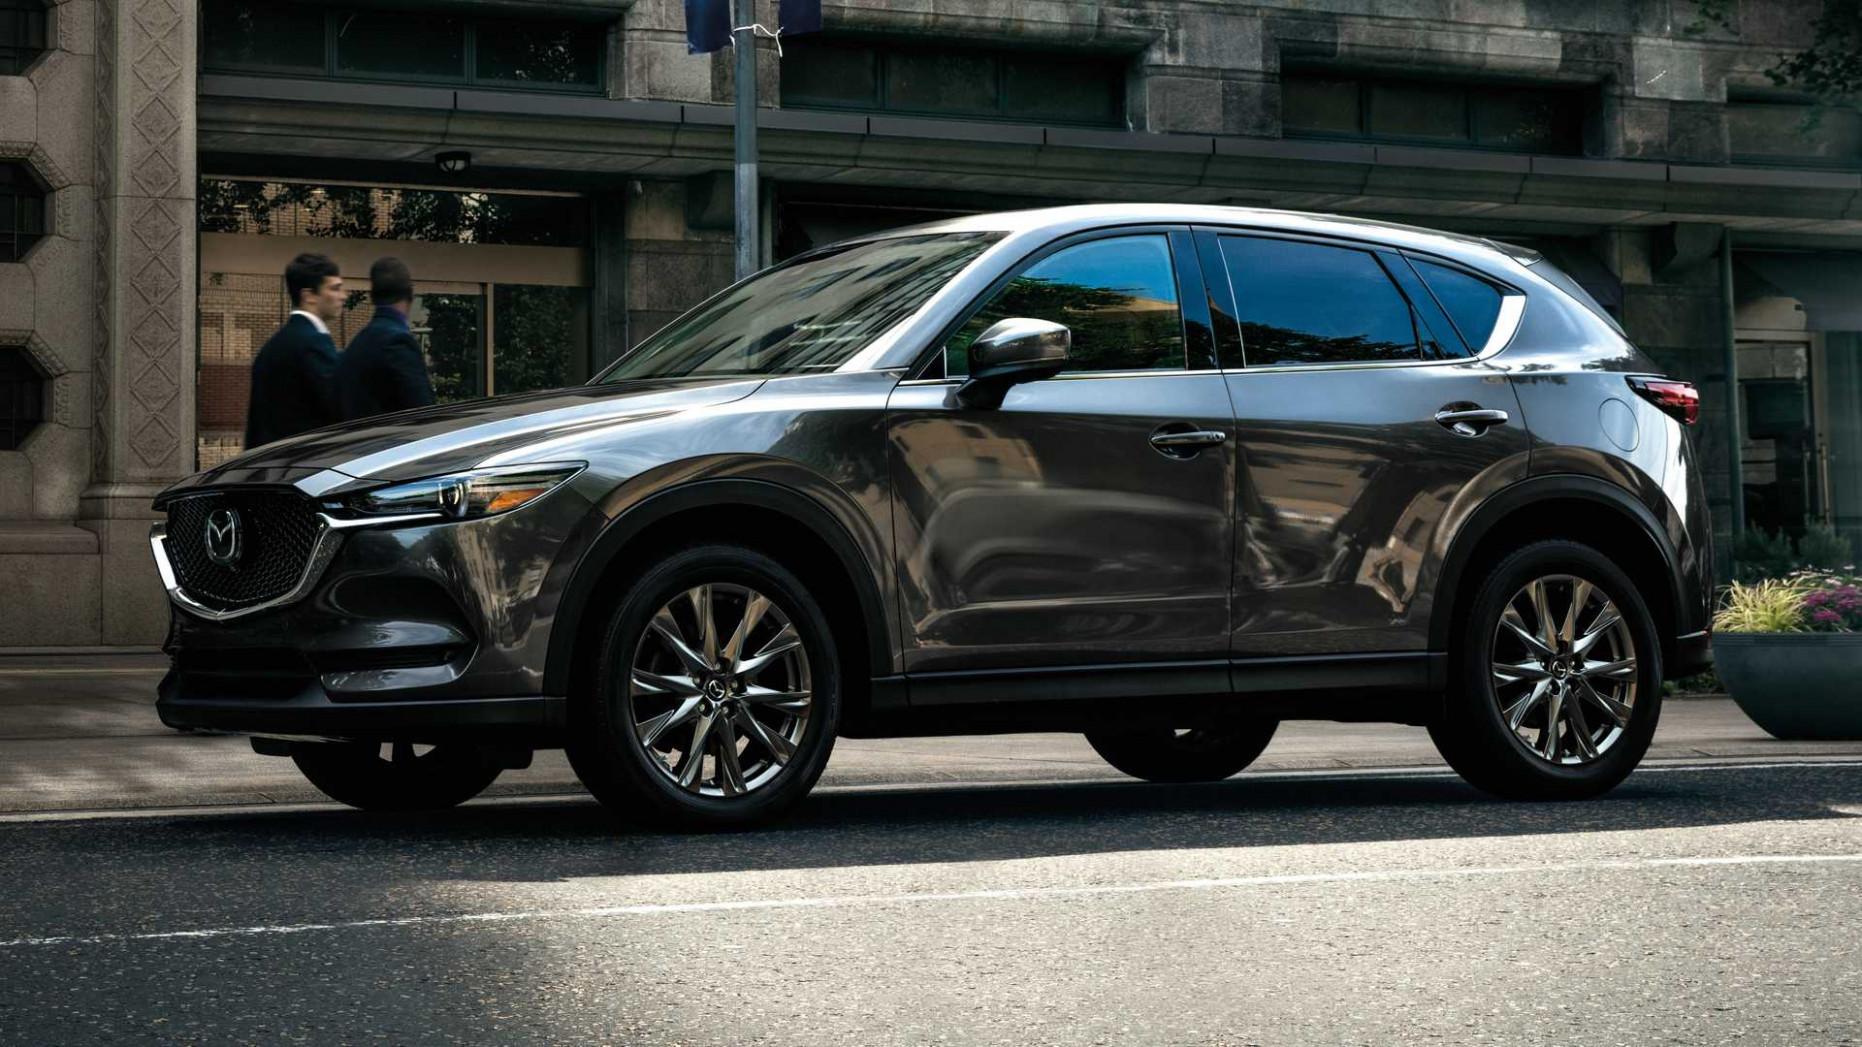 Rumors 2022 Mazda Cx 5